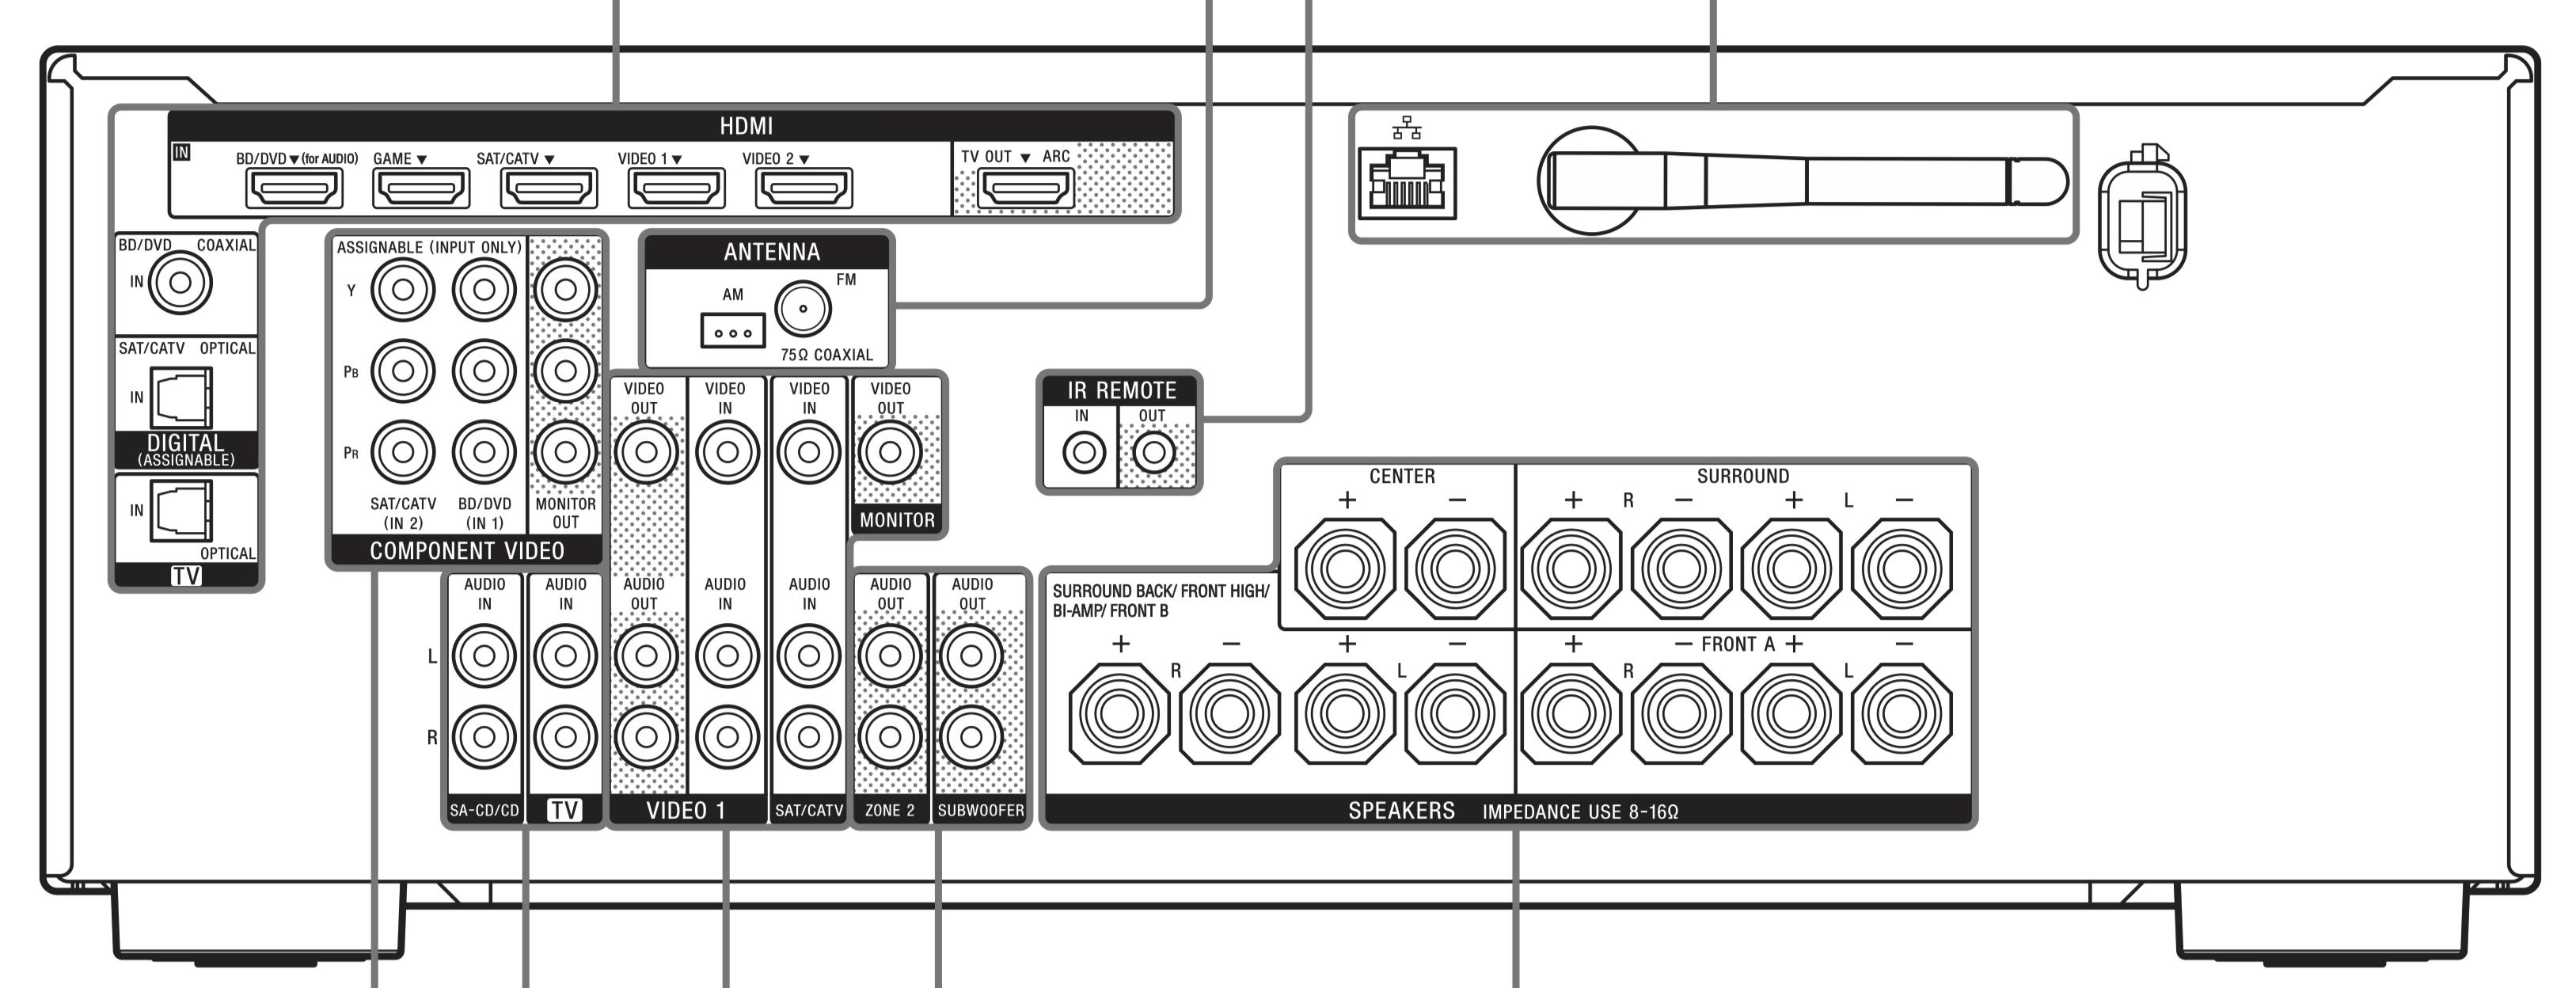 Sony Sonos | Sonos Community